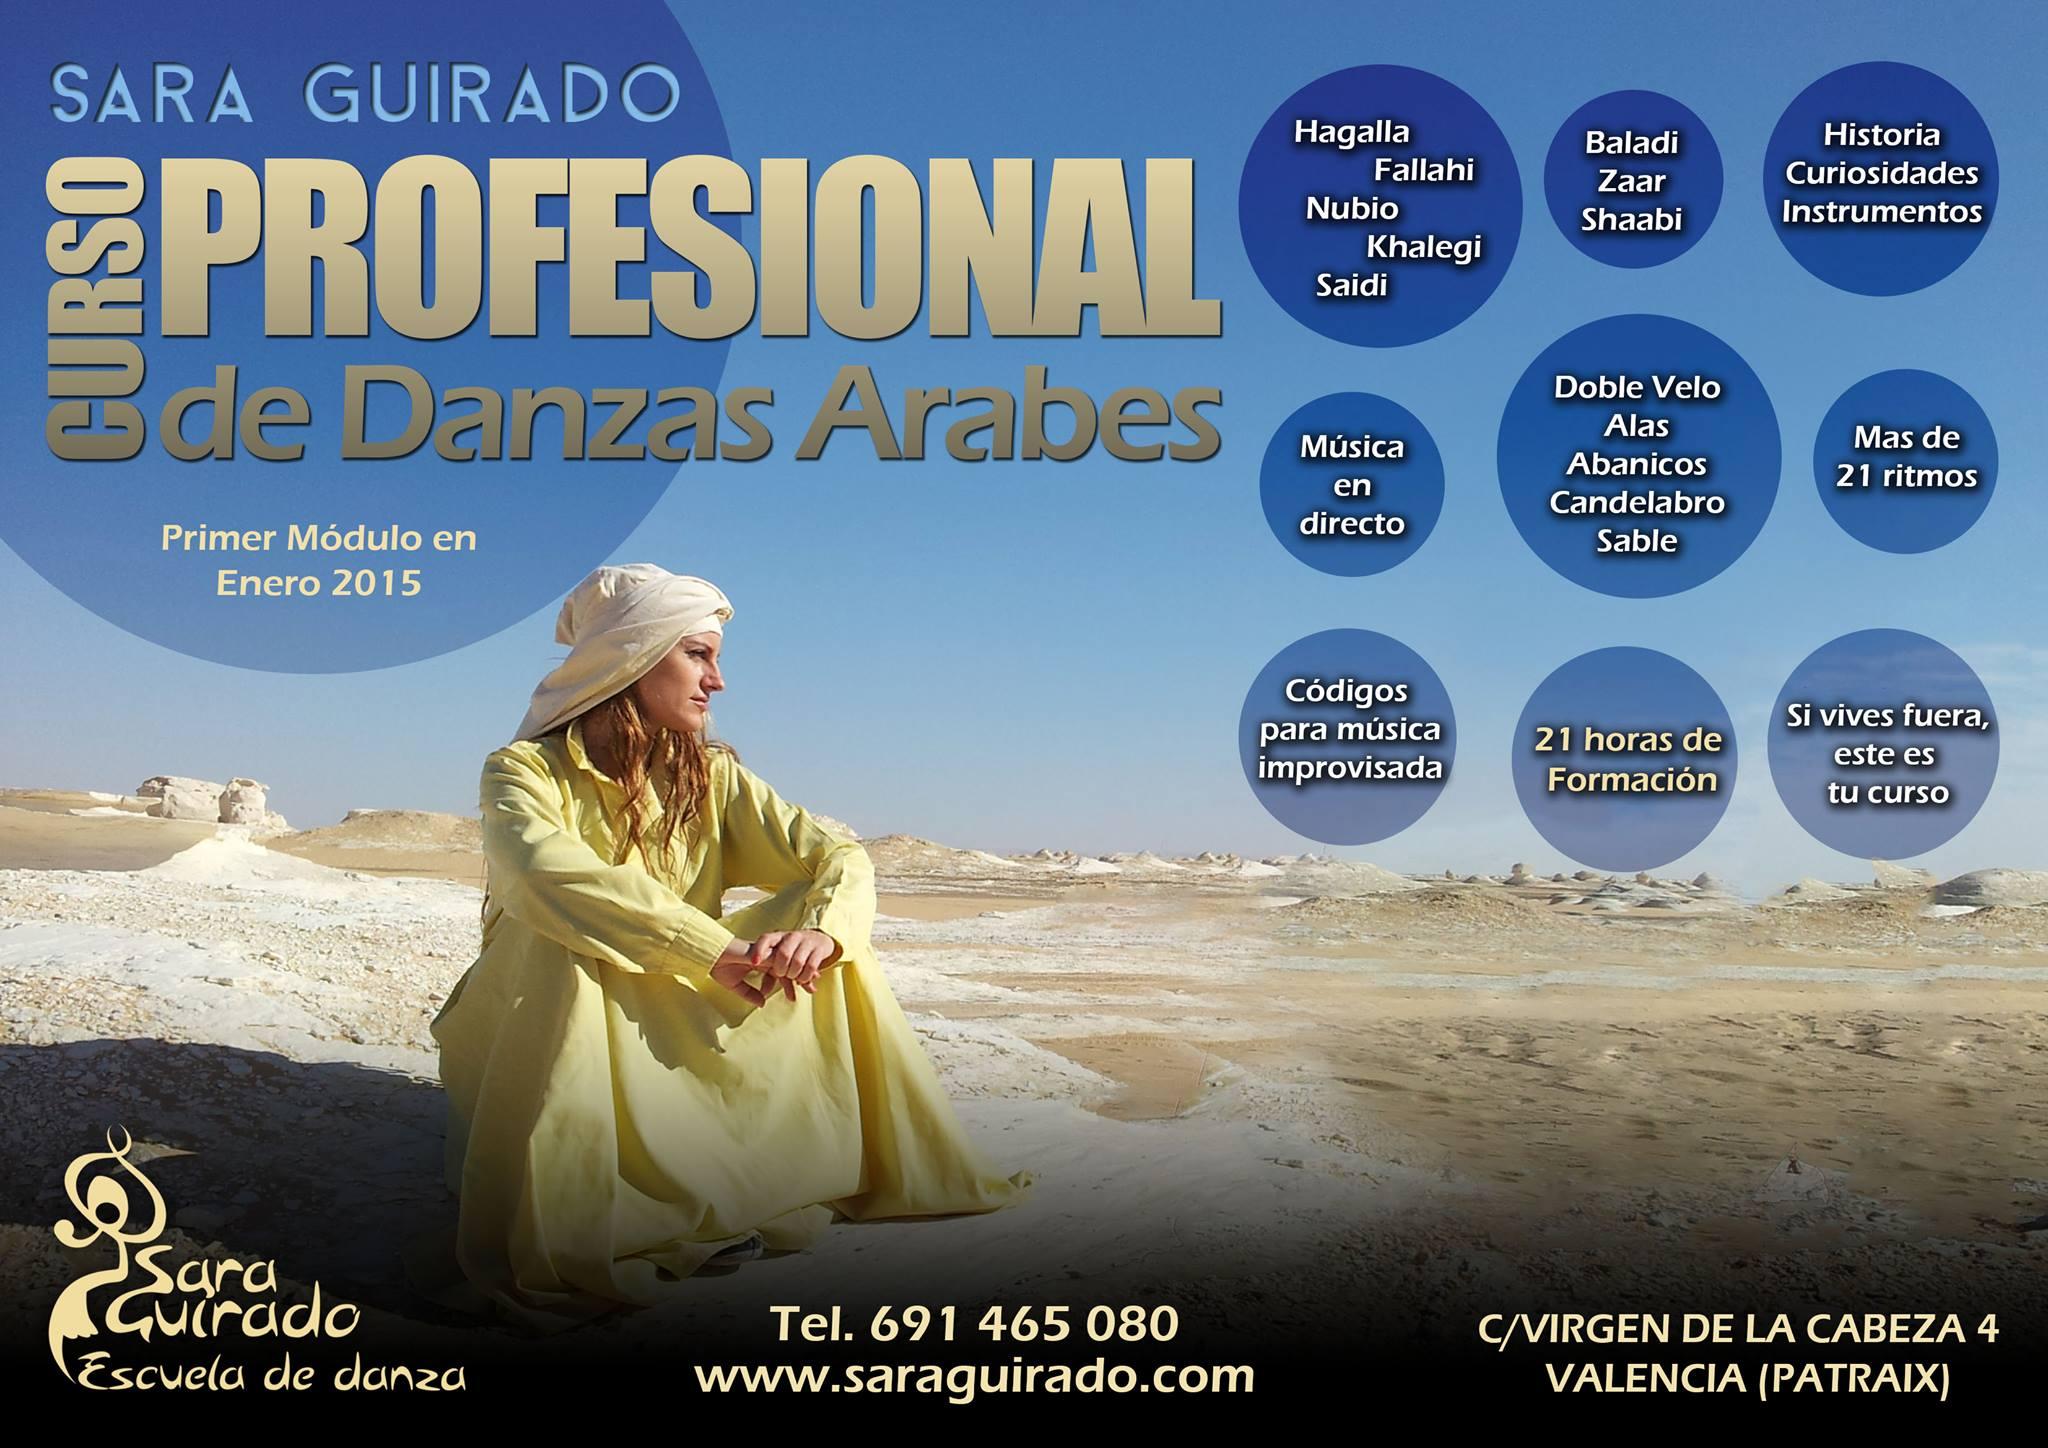 Curso Profesional de Danzas Árabes con Sara Guirado en Valencia